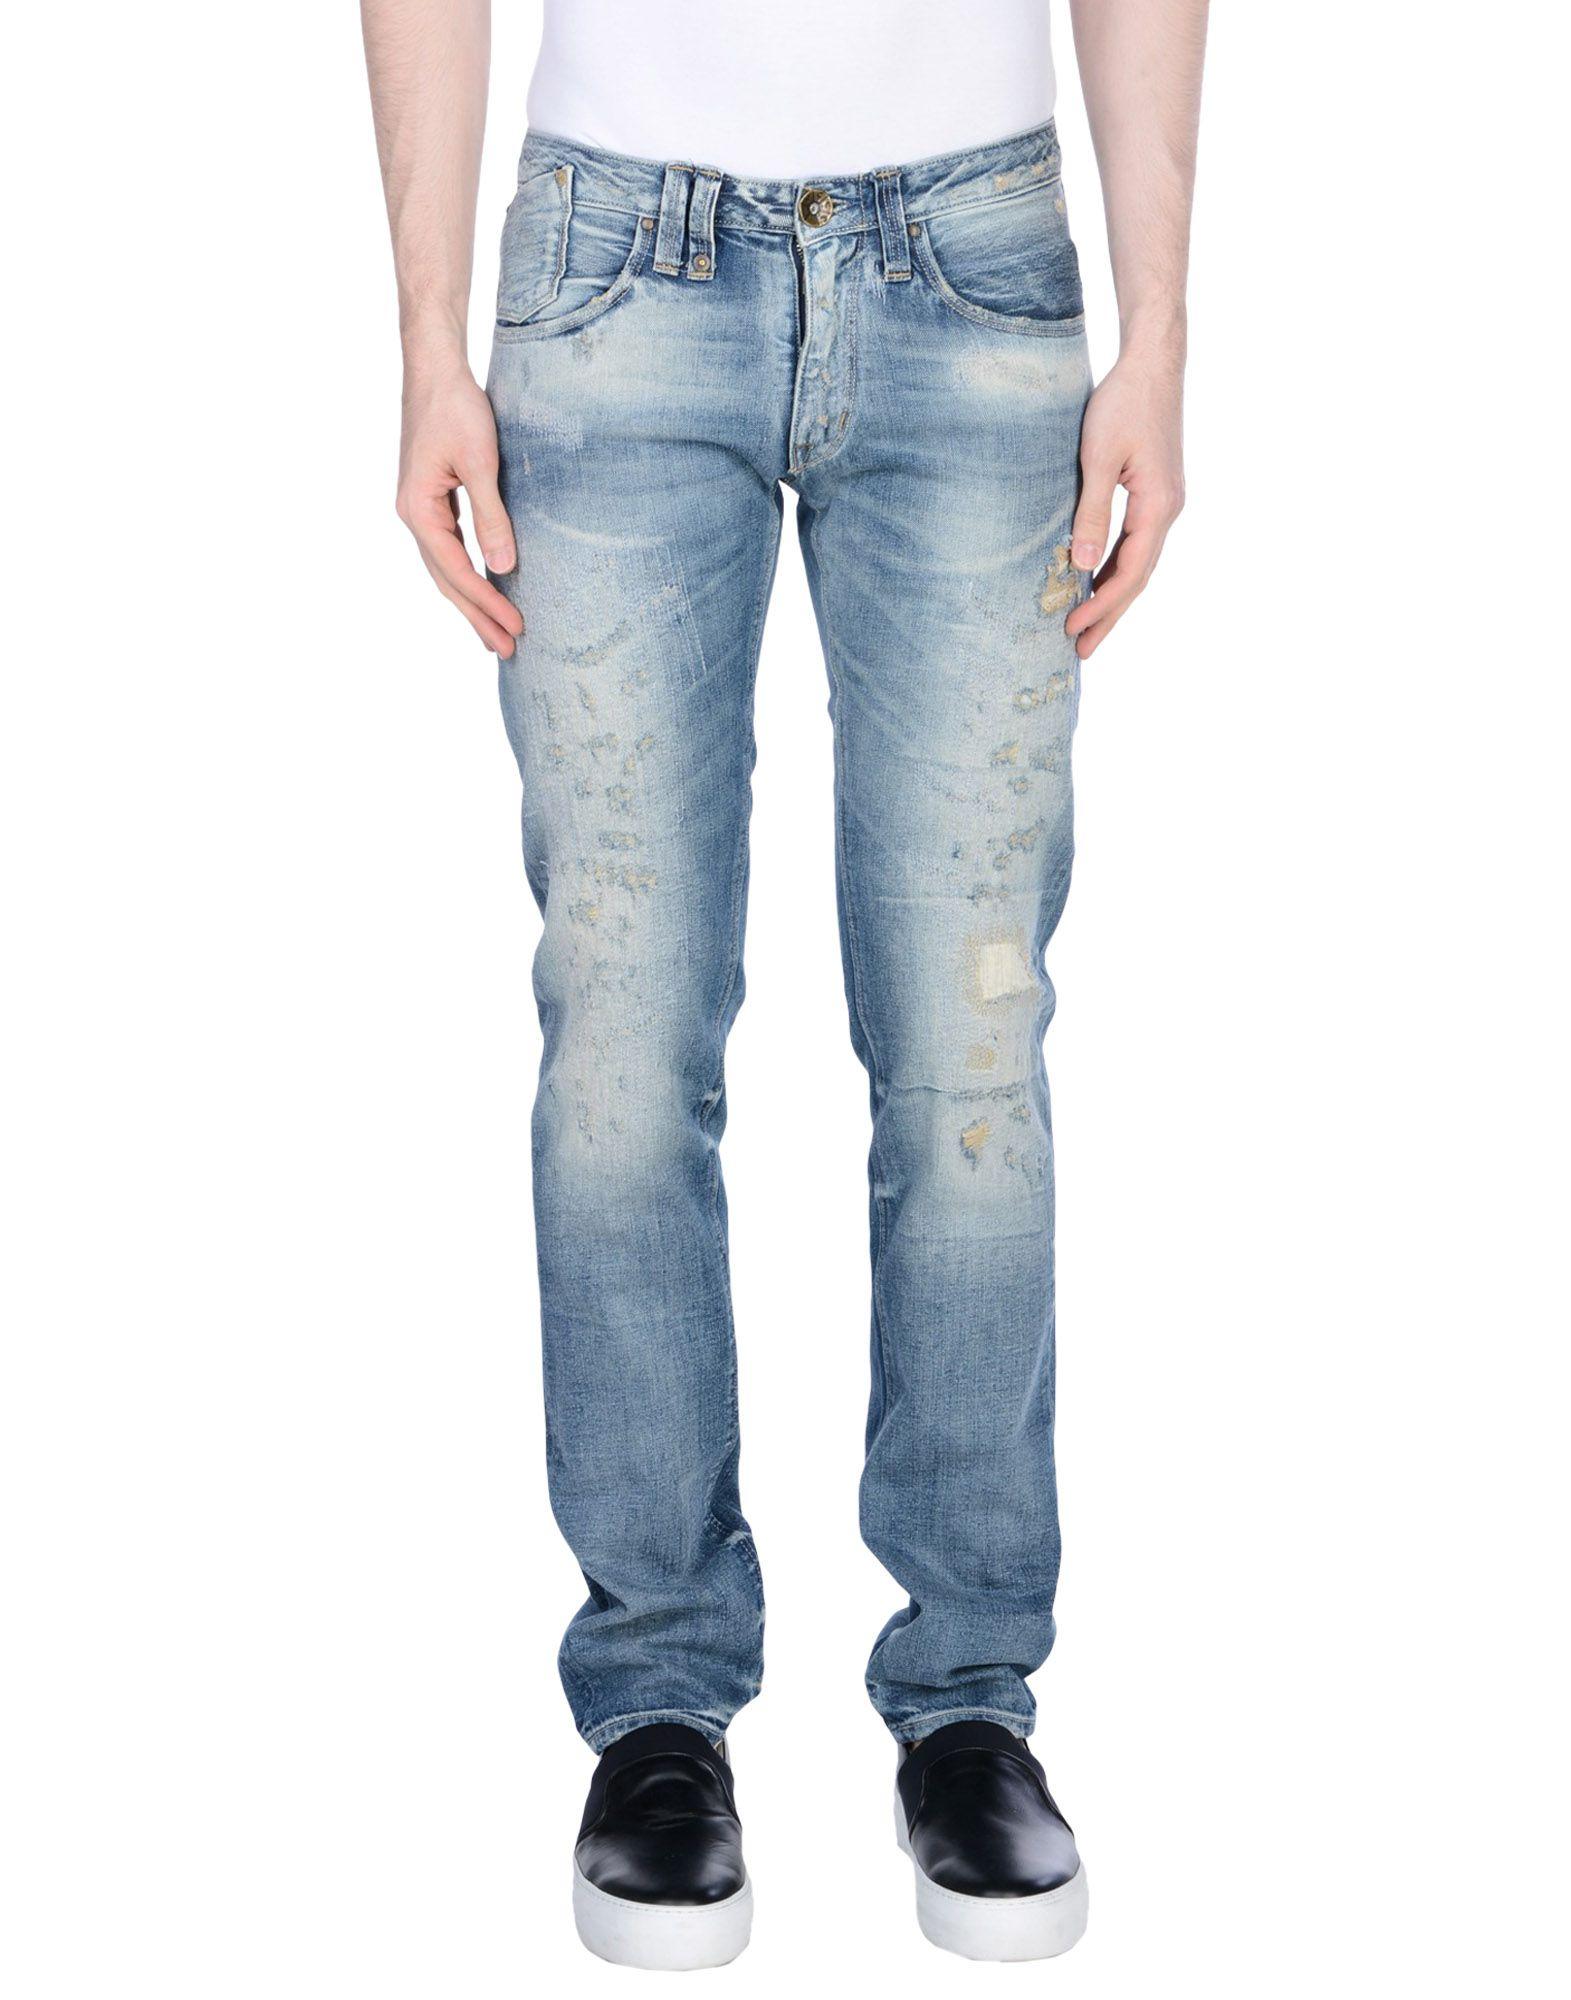 CYCLE Джинсовые брюки женские брюки лэйт светлый размер 56